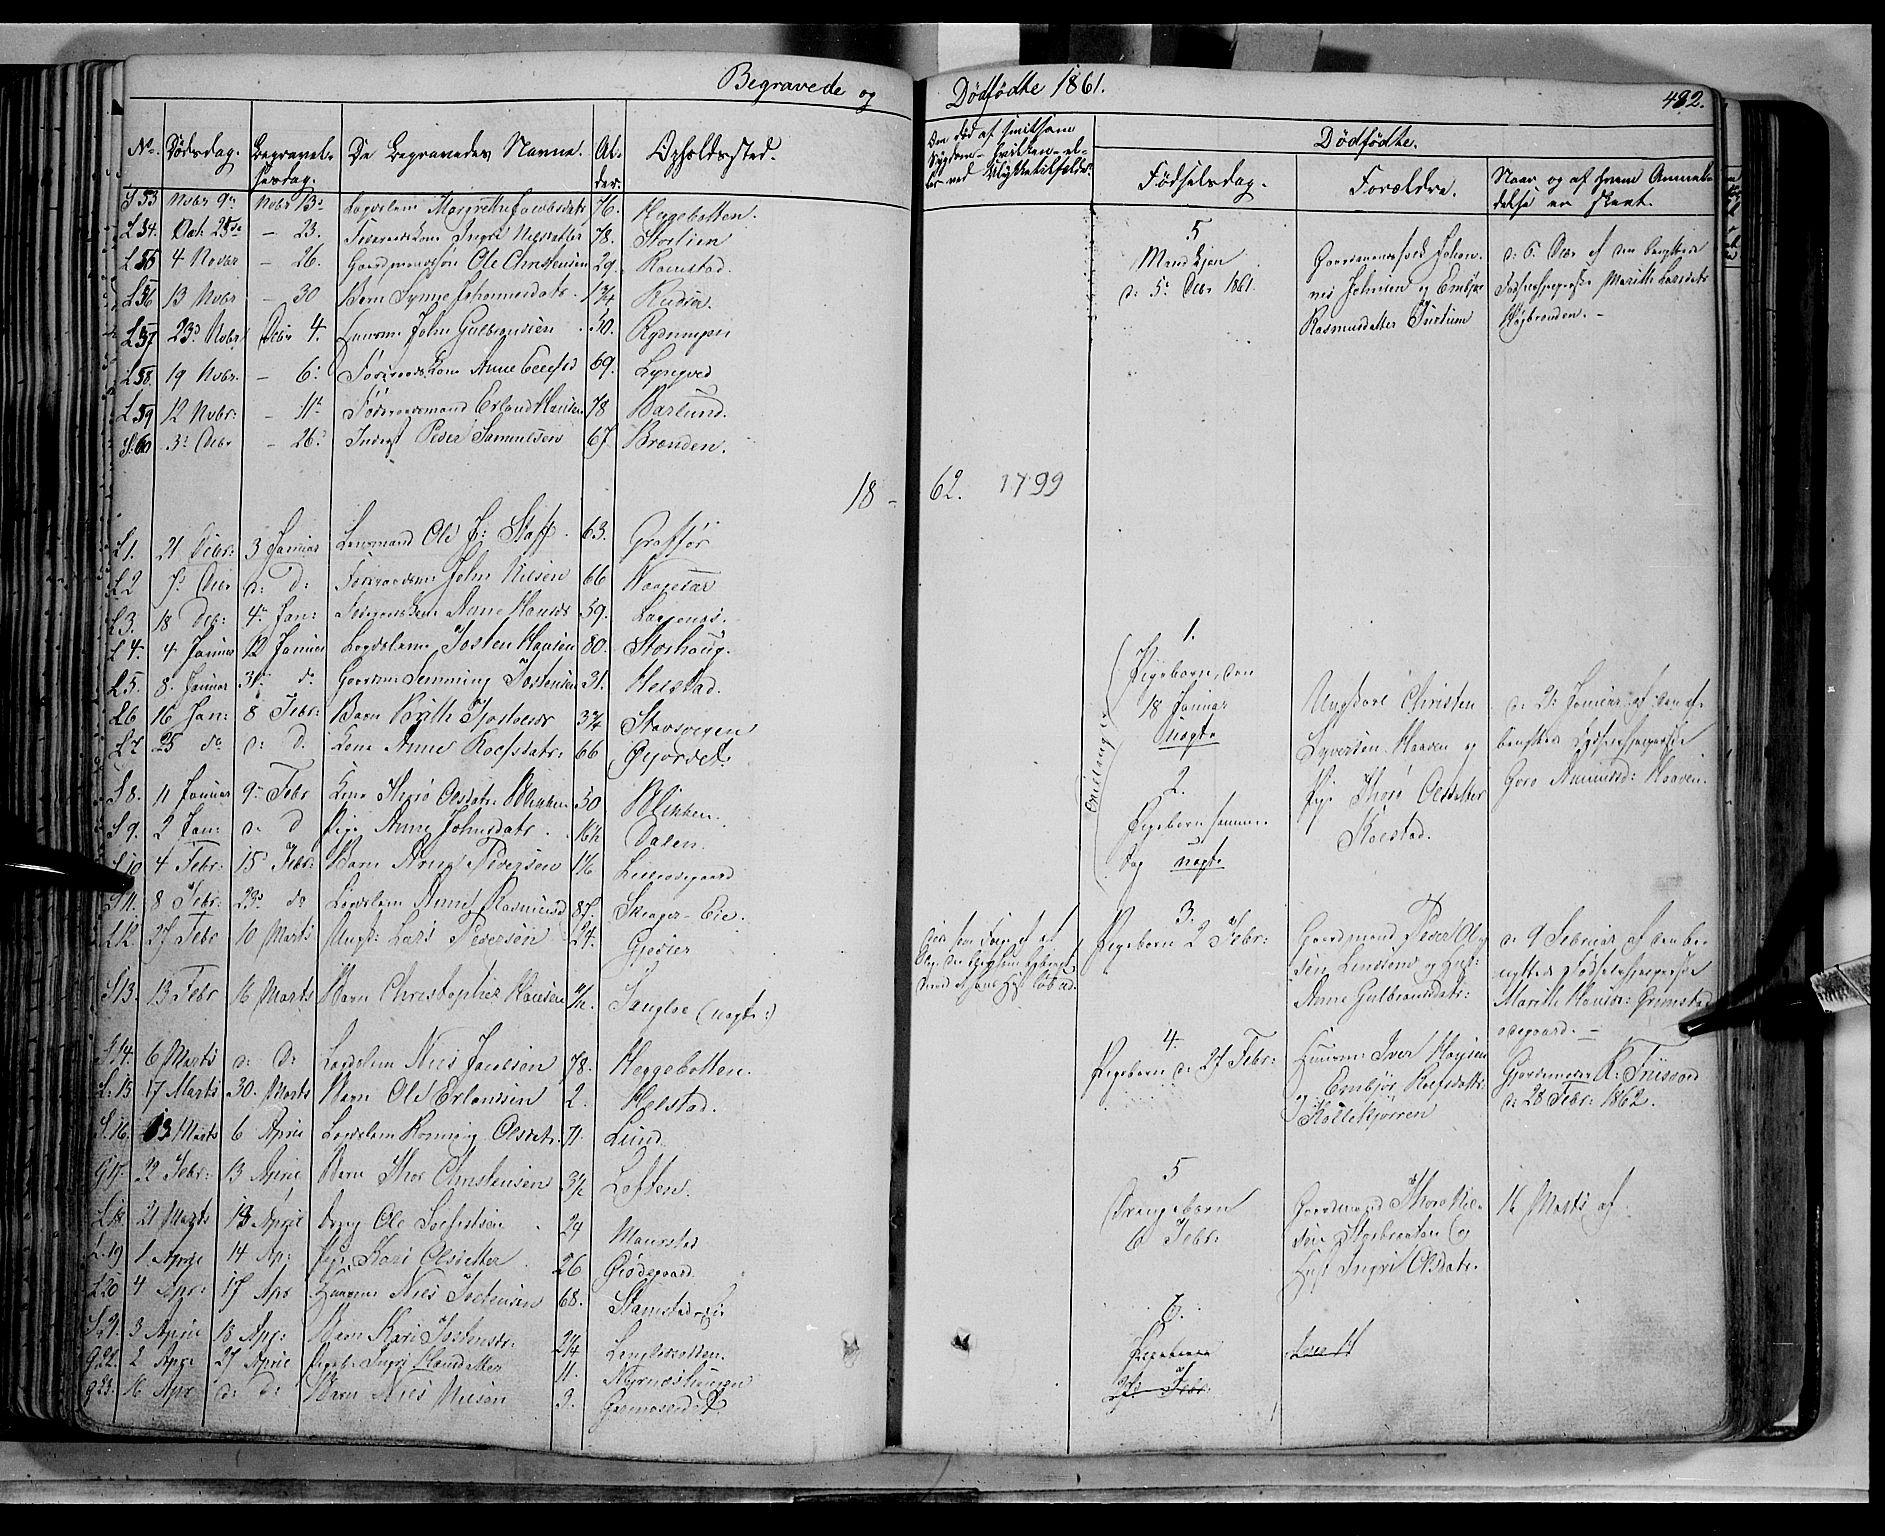 SAH, Lom prestekontor, K/L0006: Ministerialbok nr. 6B, 1837-1863, s. 482